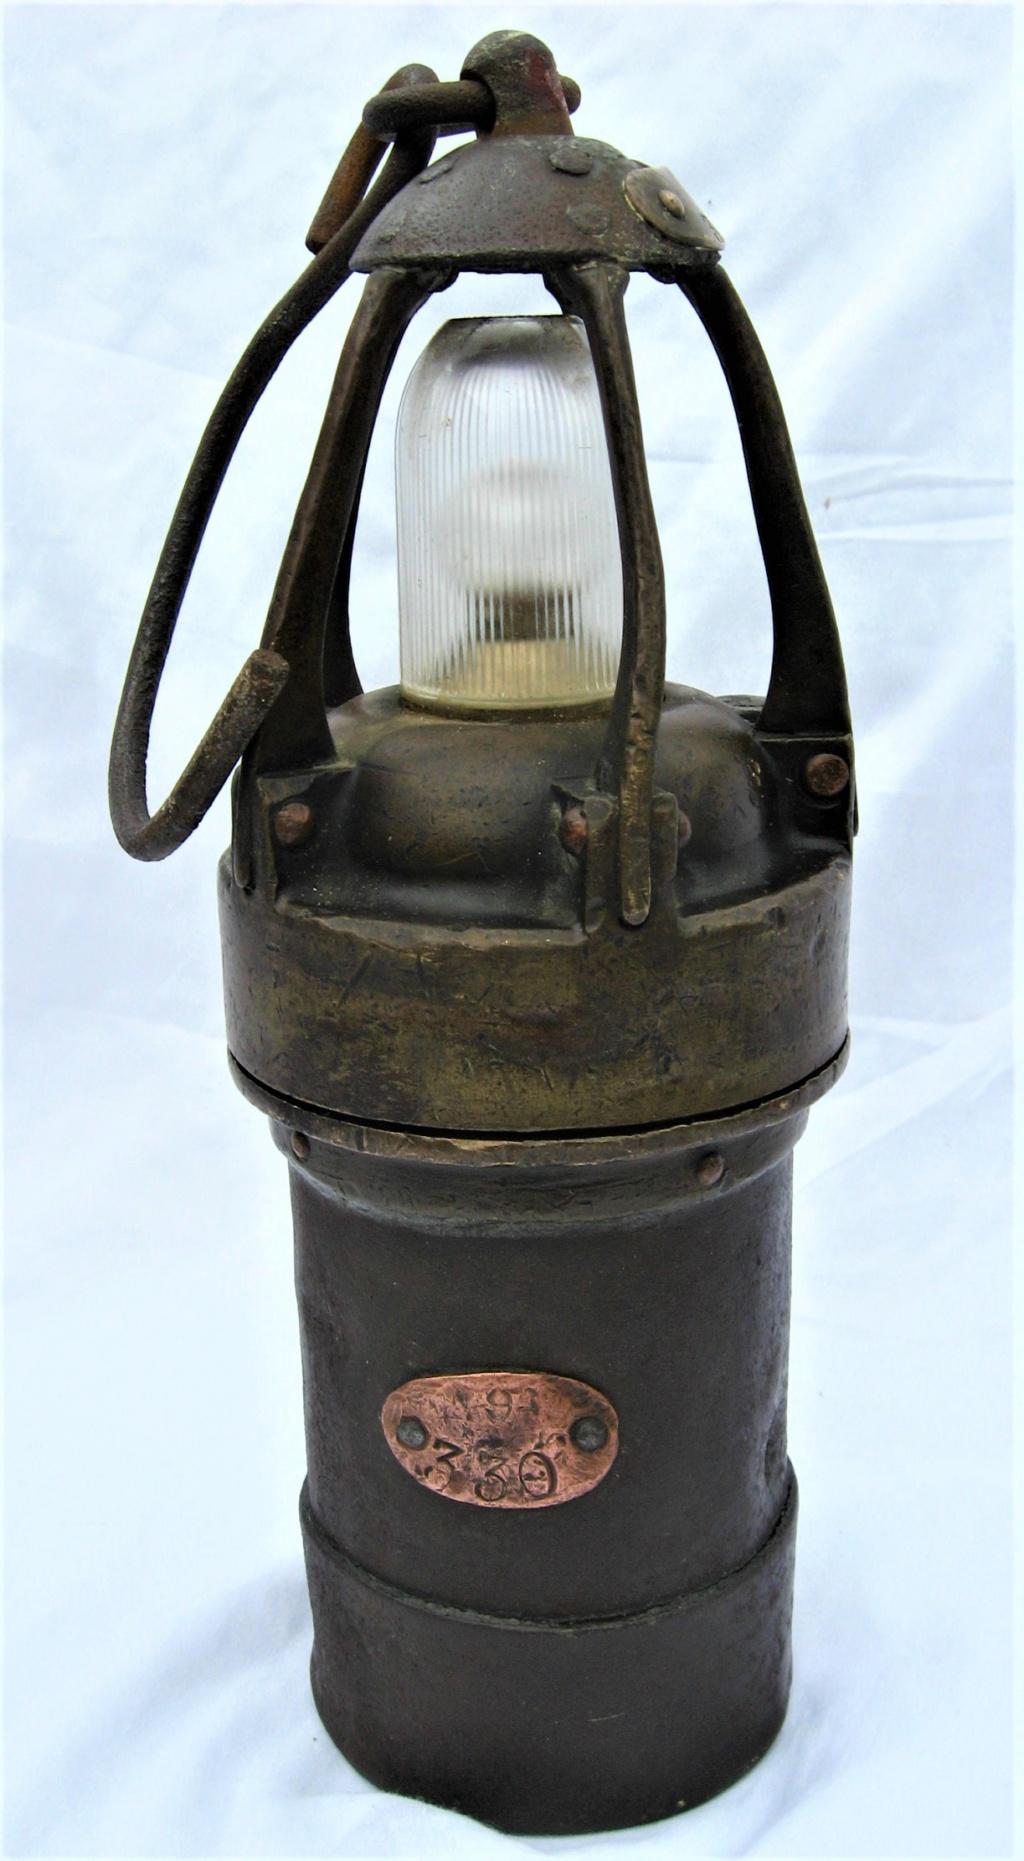 lampes de mineurs,  divers objets de mine, outils de mineur et documents  - Page 10 Img_2934